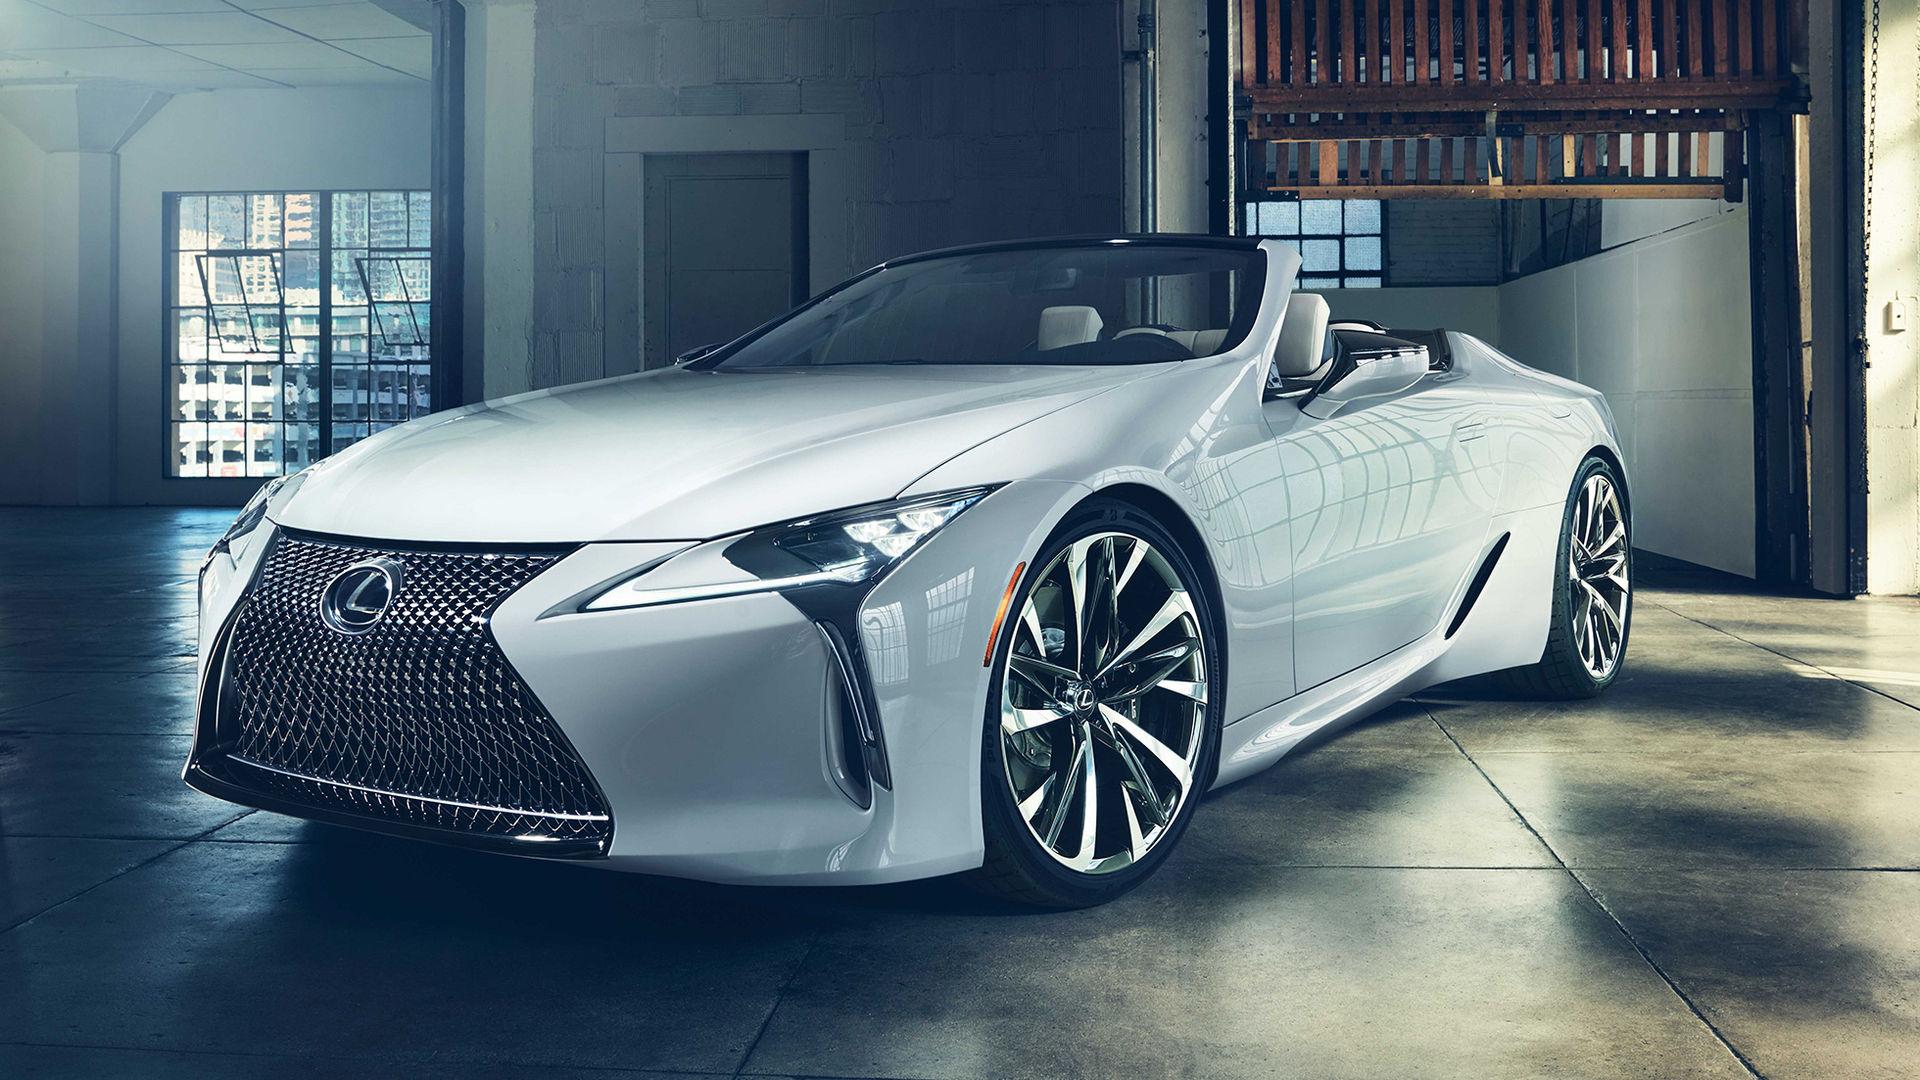 Lexus LC nu även som cabriolet